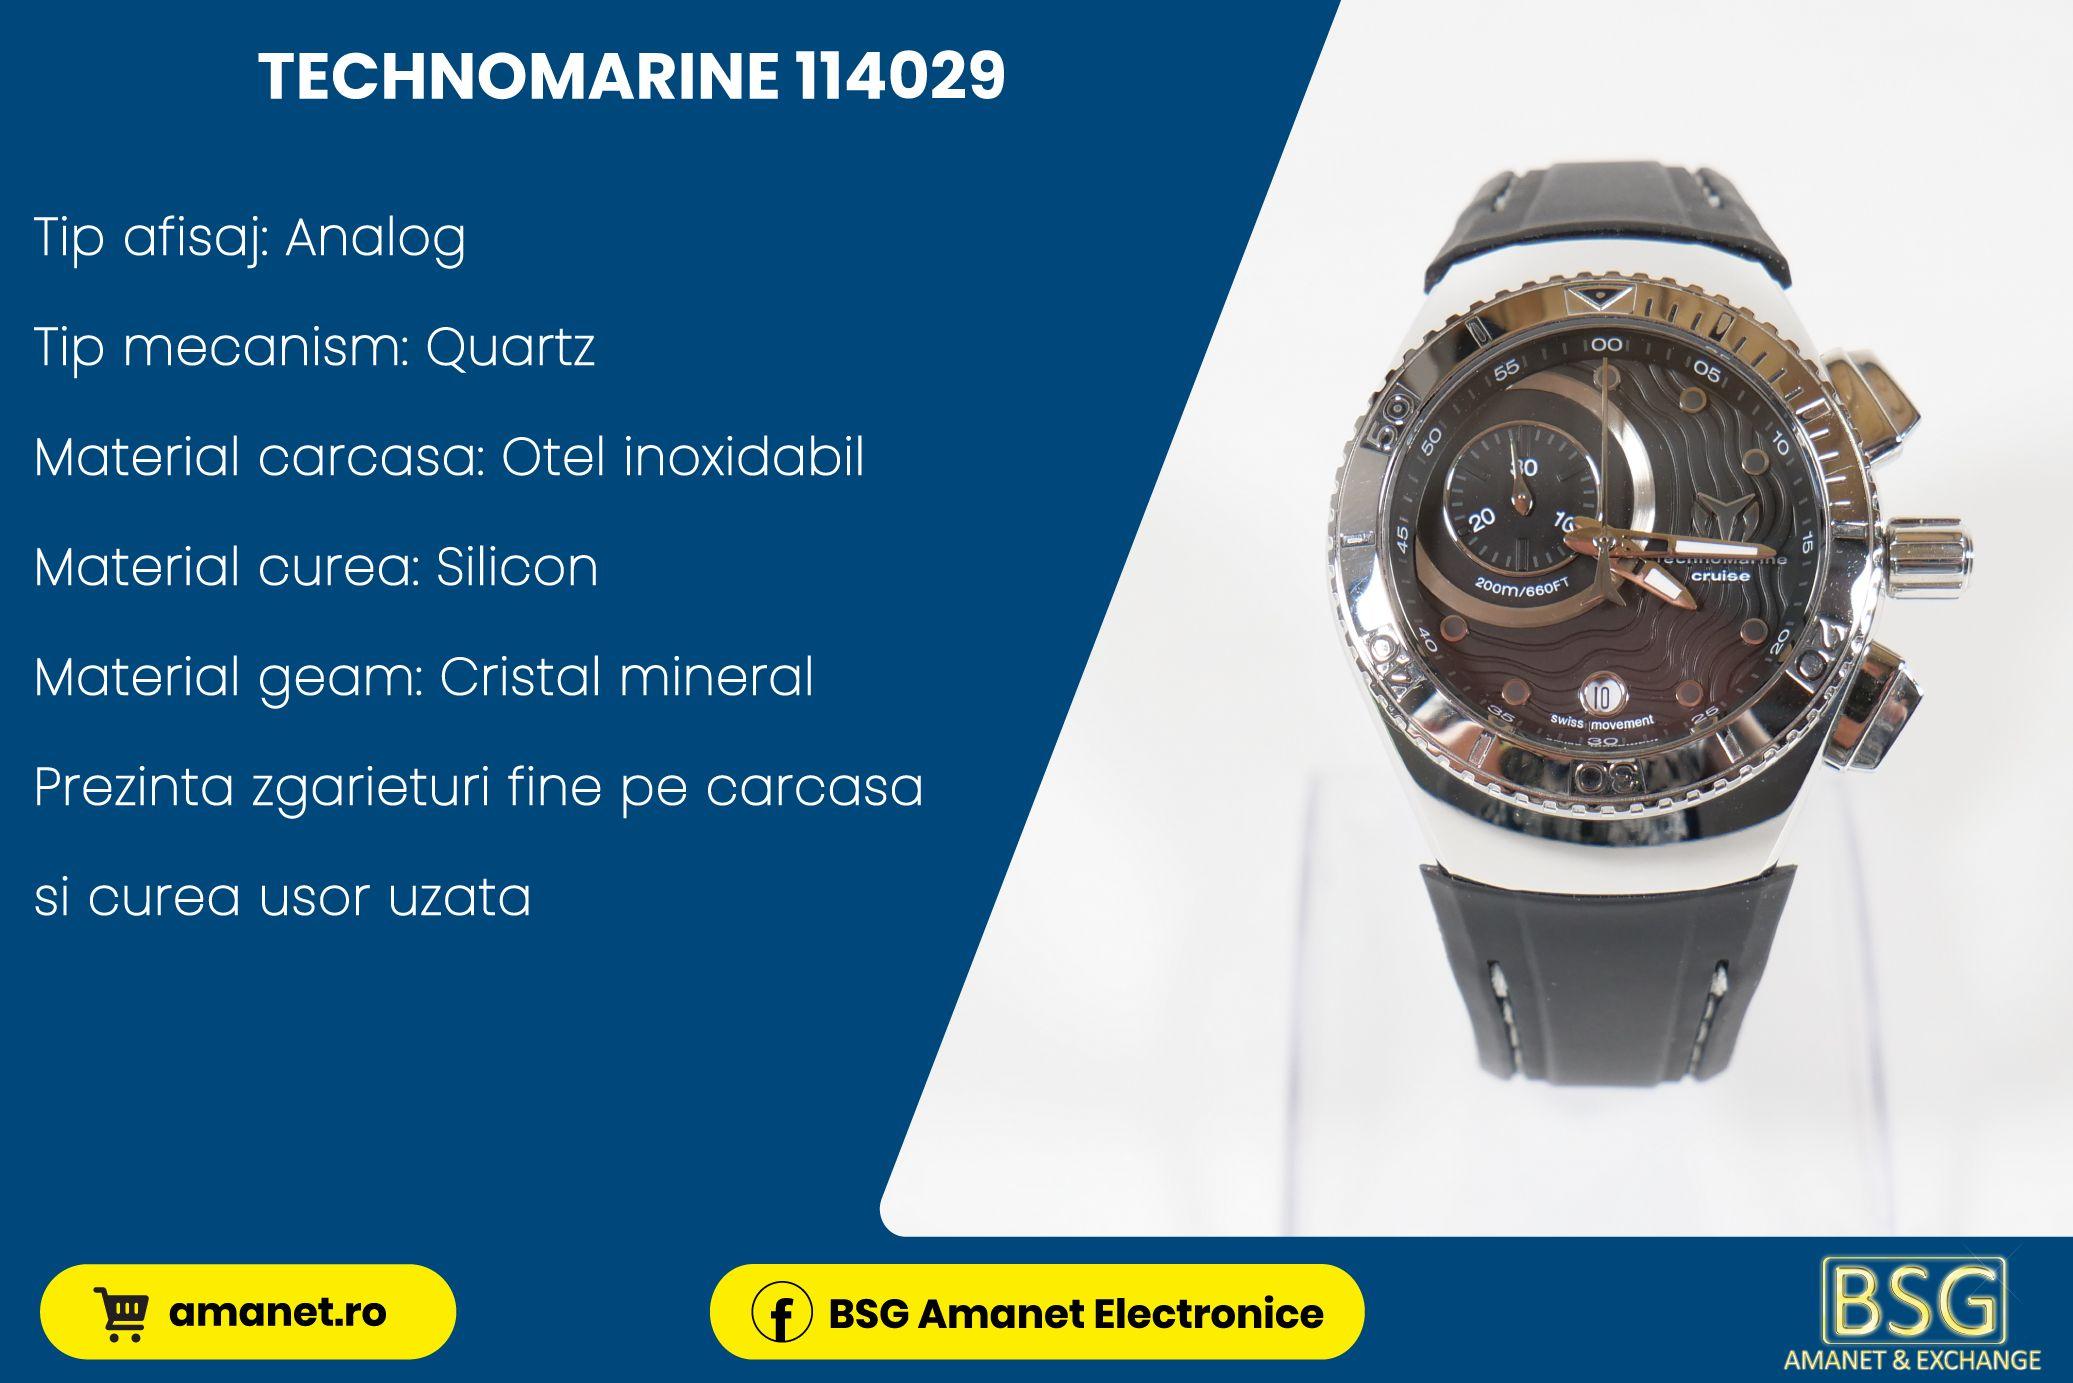 Ceas Technomarine 114029 - BSG Amanet & Exchange